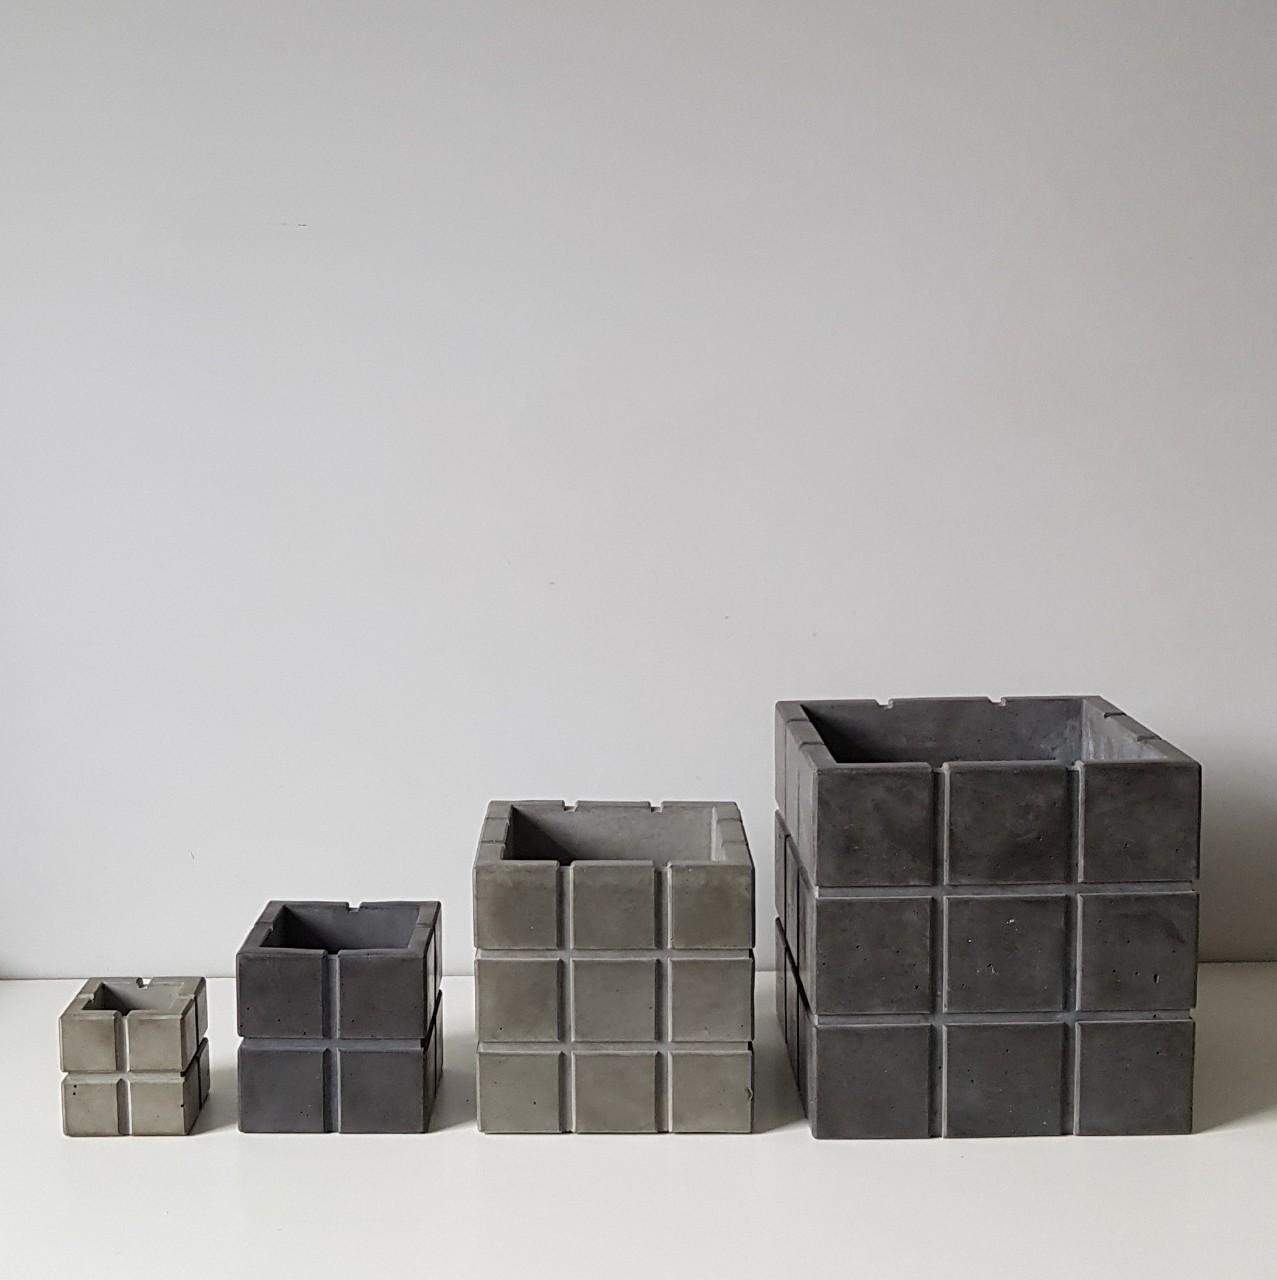 Квадрат бетона смеси для ремонта бетонных полах